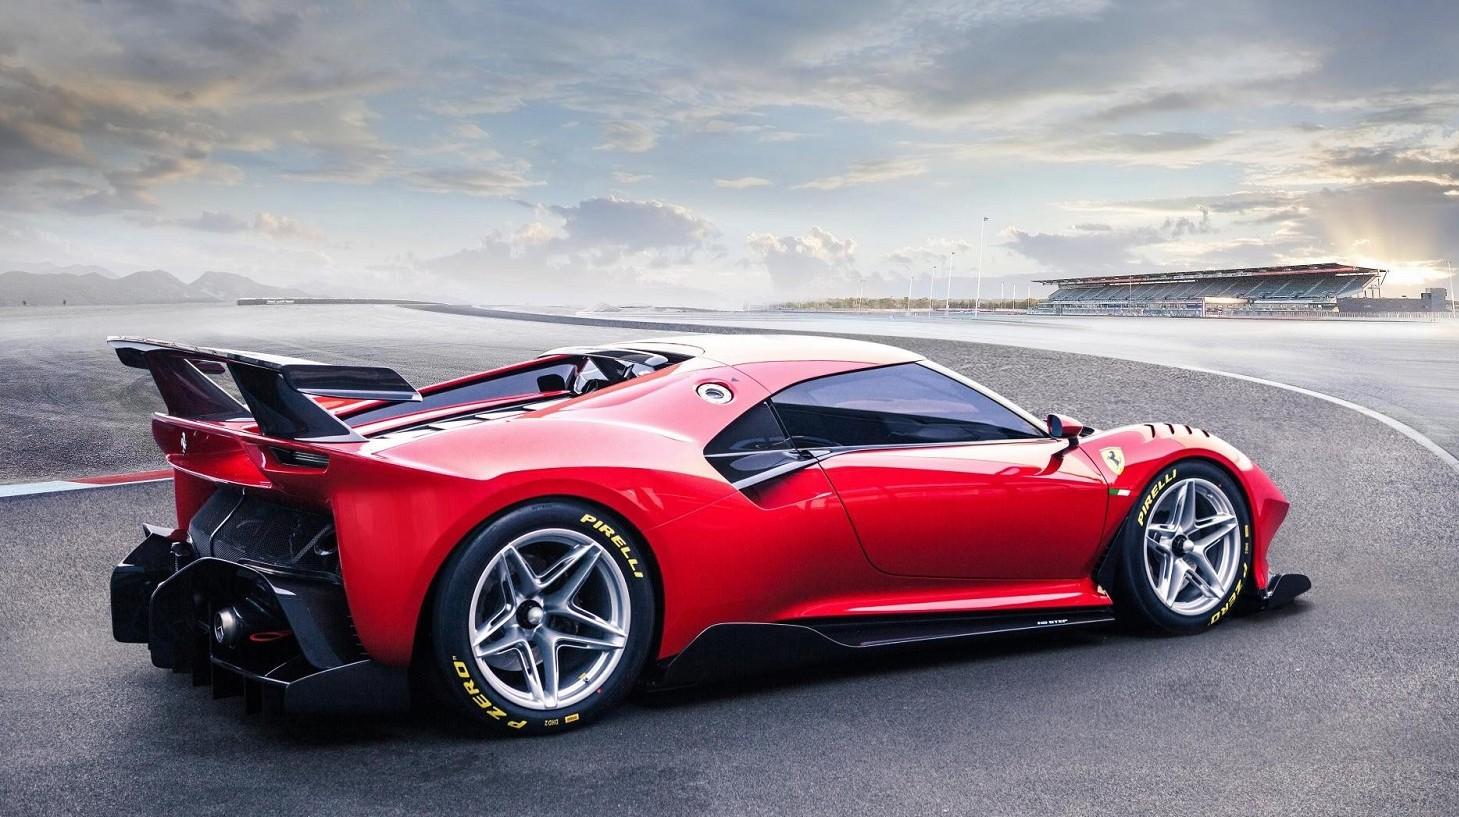 Nuova Ferrari Prototipo P80/C 2019 e le